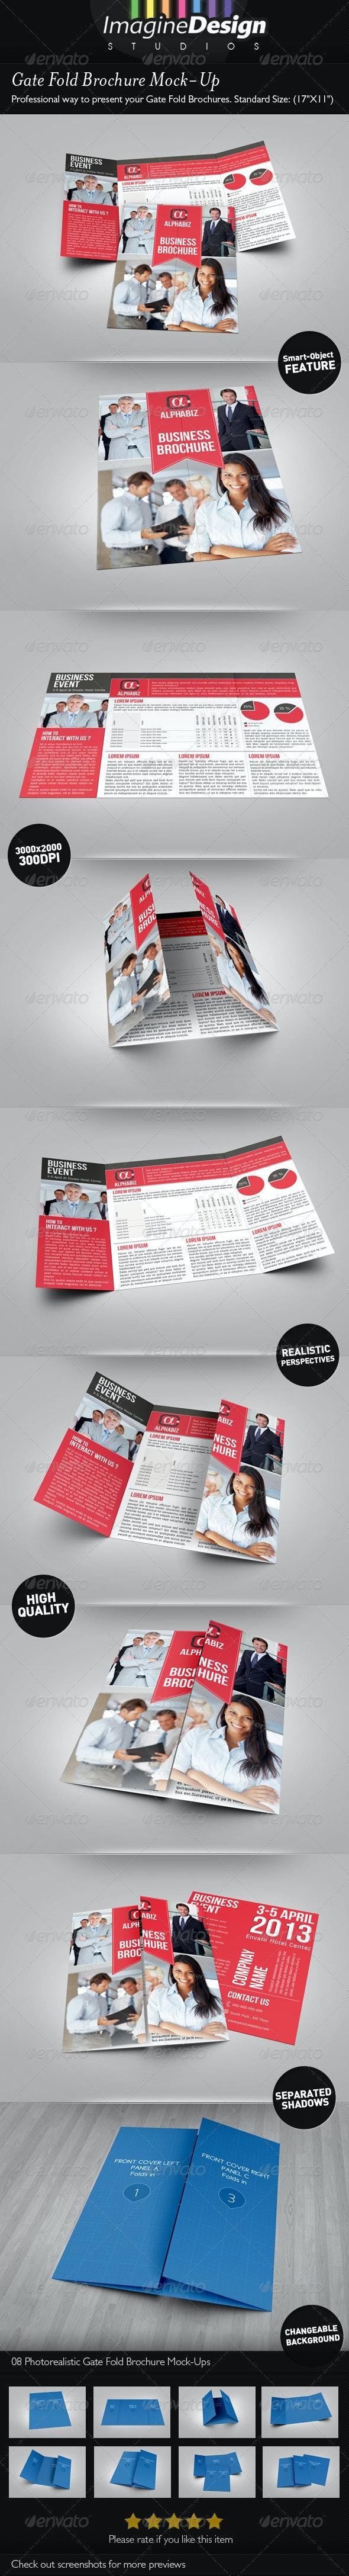 Gate Fold Brochure Mock-Up - Brochures Print